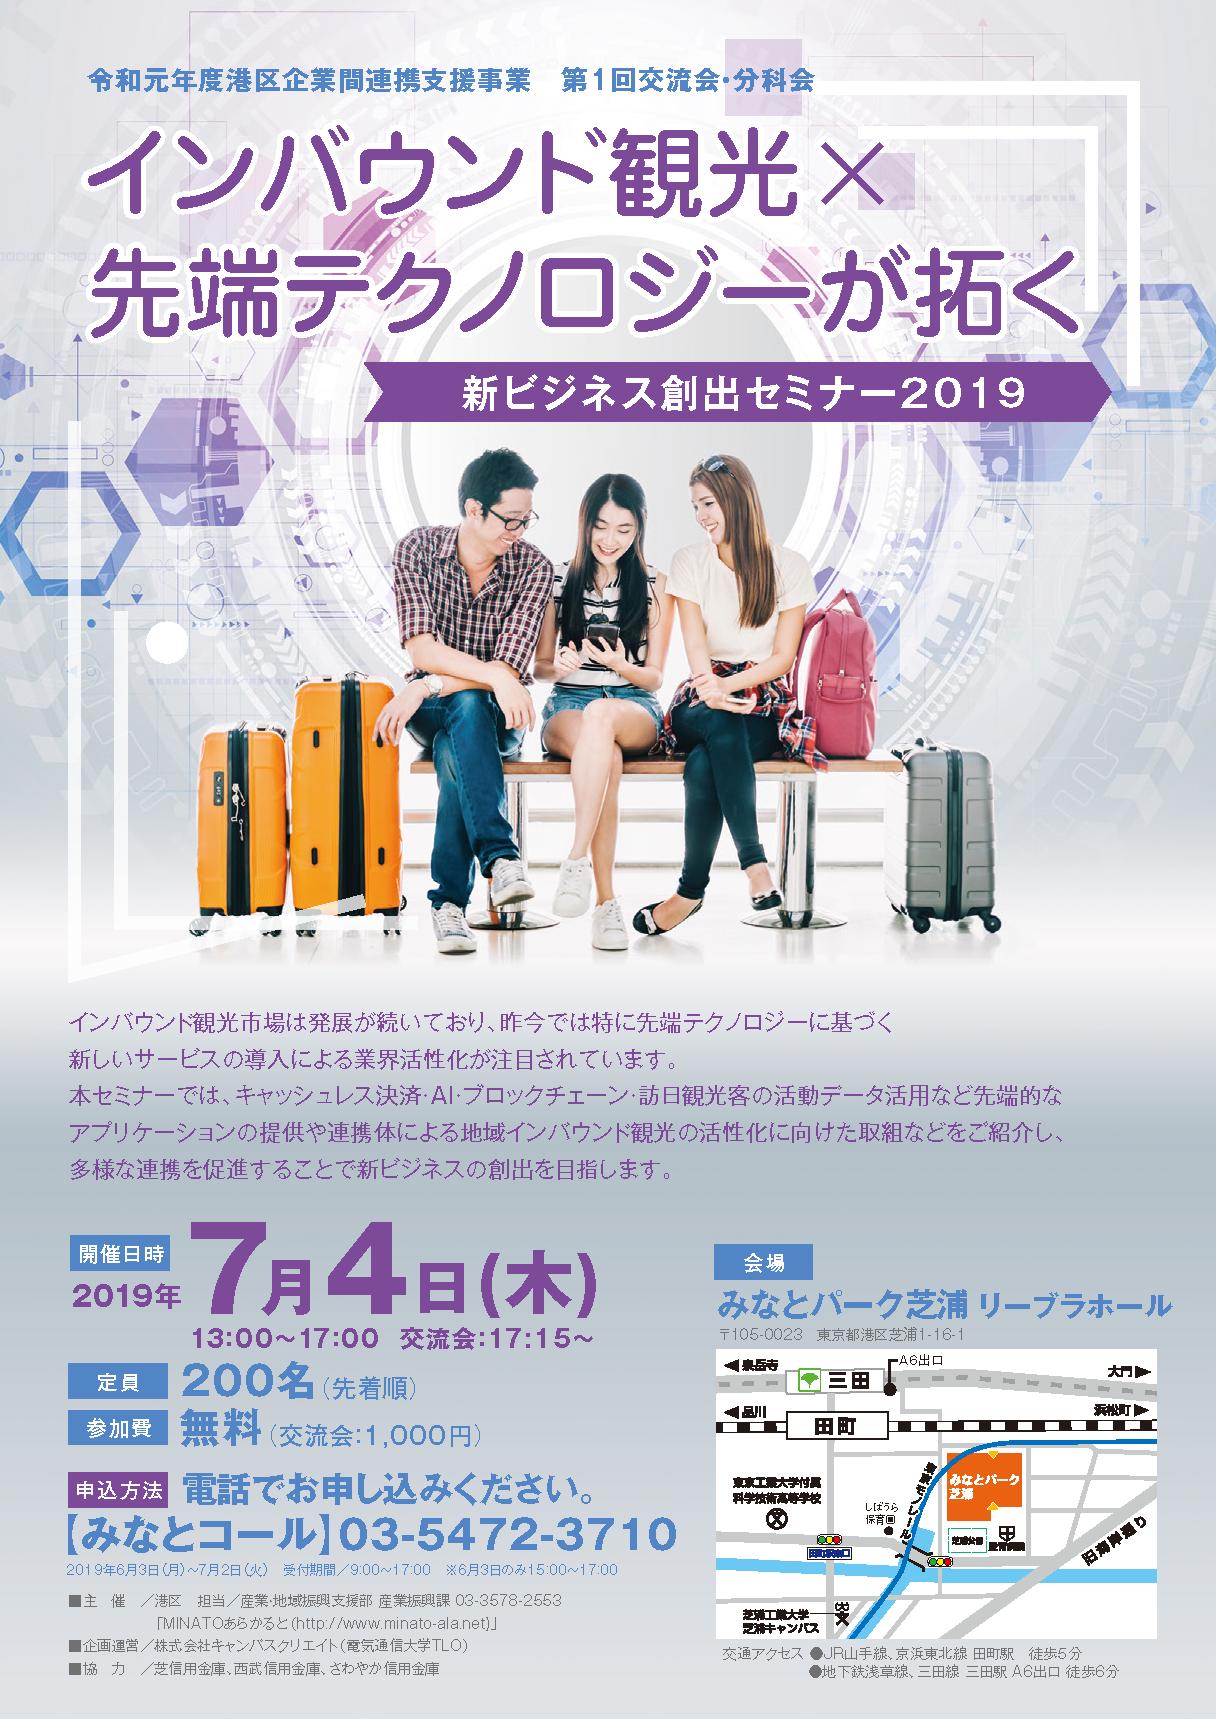 インバウンド観光×先端テクノロジーが拓く新ビジネス創出セミナー2019